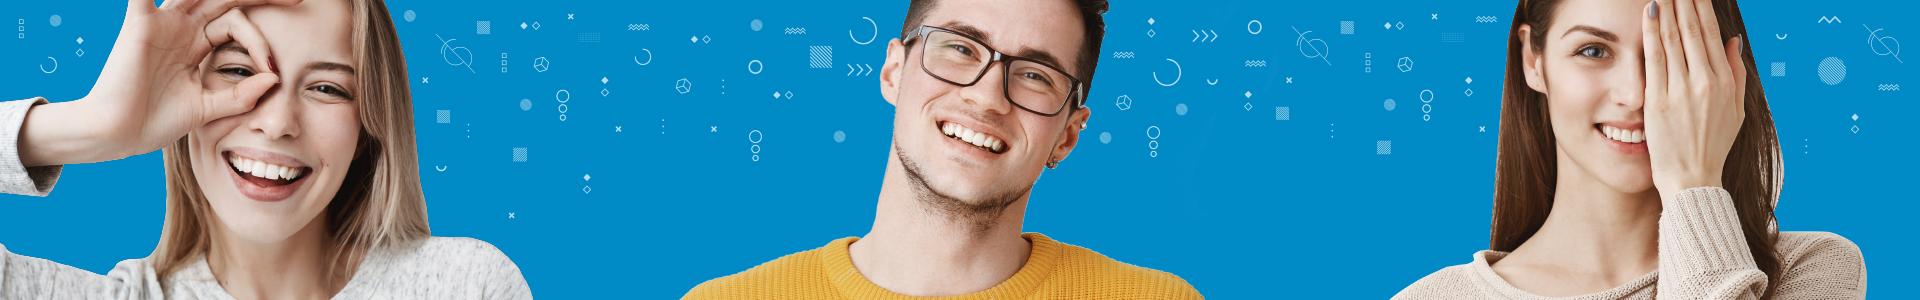 חדות ראייה לאחר ניתוח הסרת משקפיים - עין טל הדסה